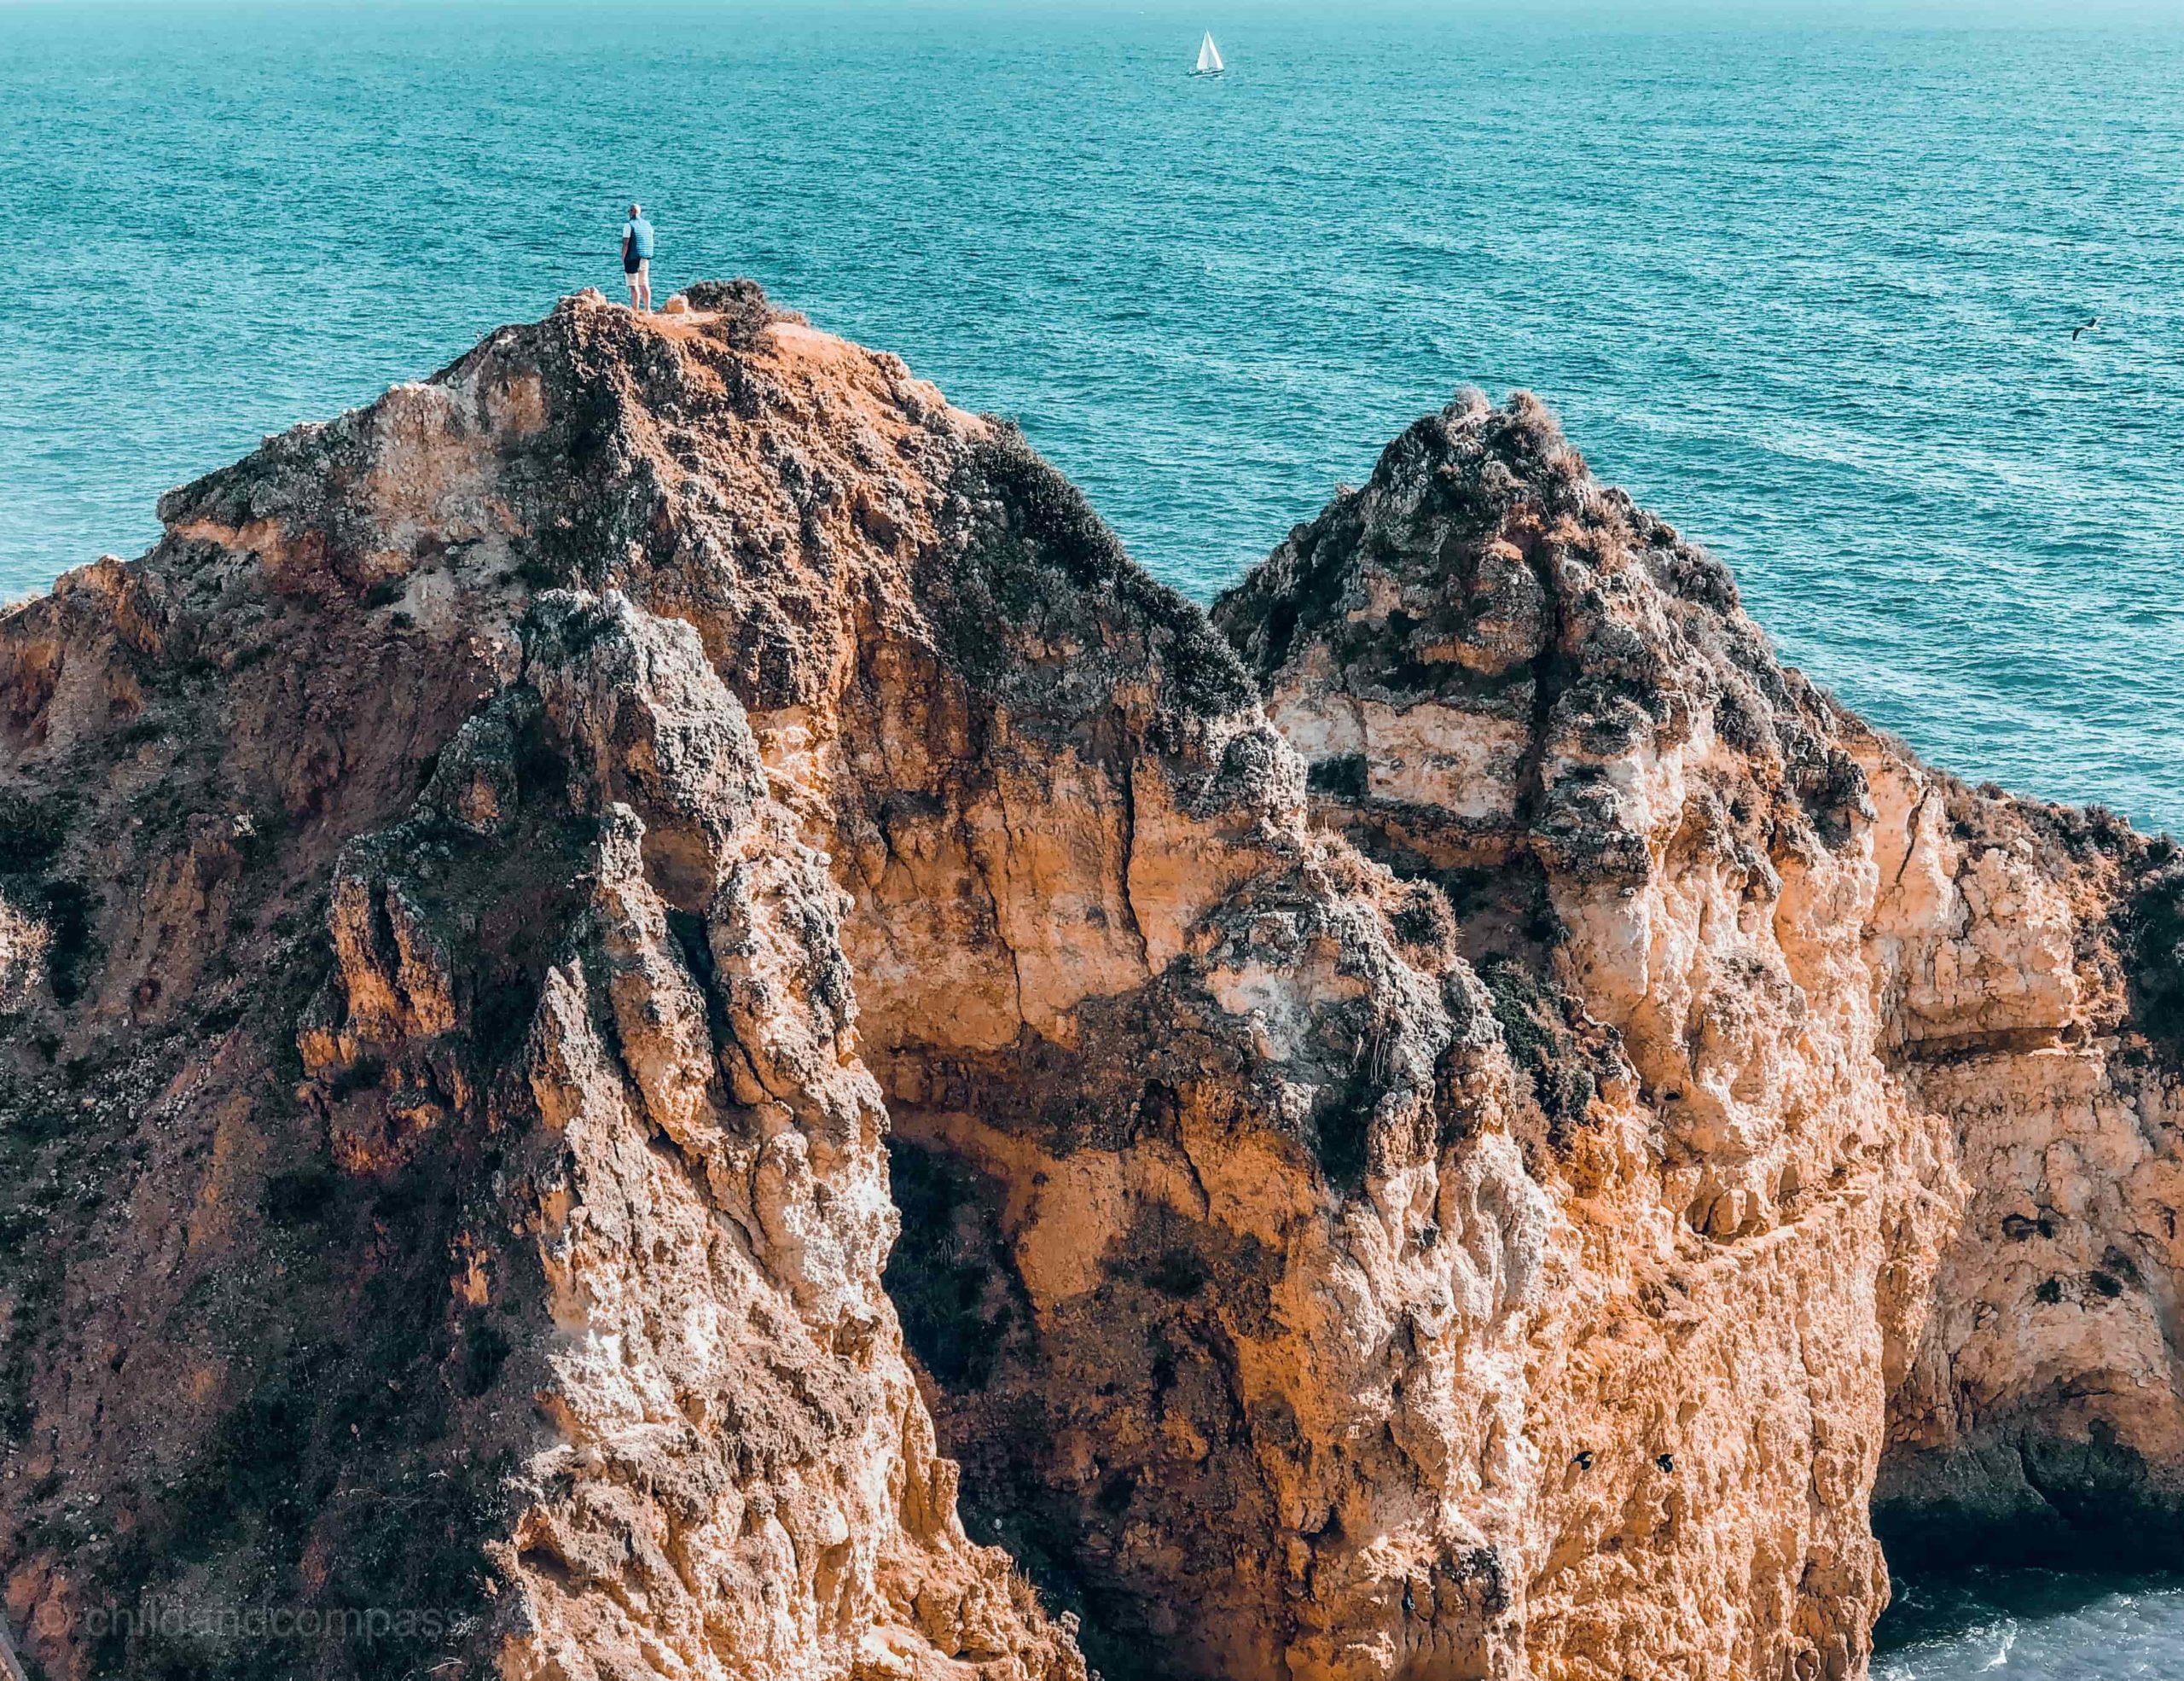 Städtereisen an Ostern, Tipps für Osterurlaub, Städtetrip an Ostern, Algarve Strände in Portugal, Lagos